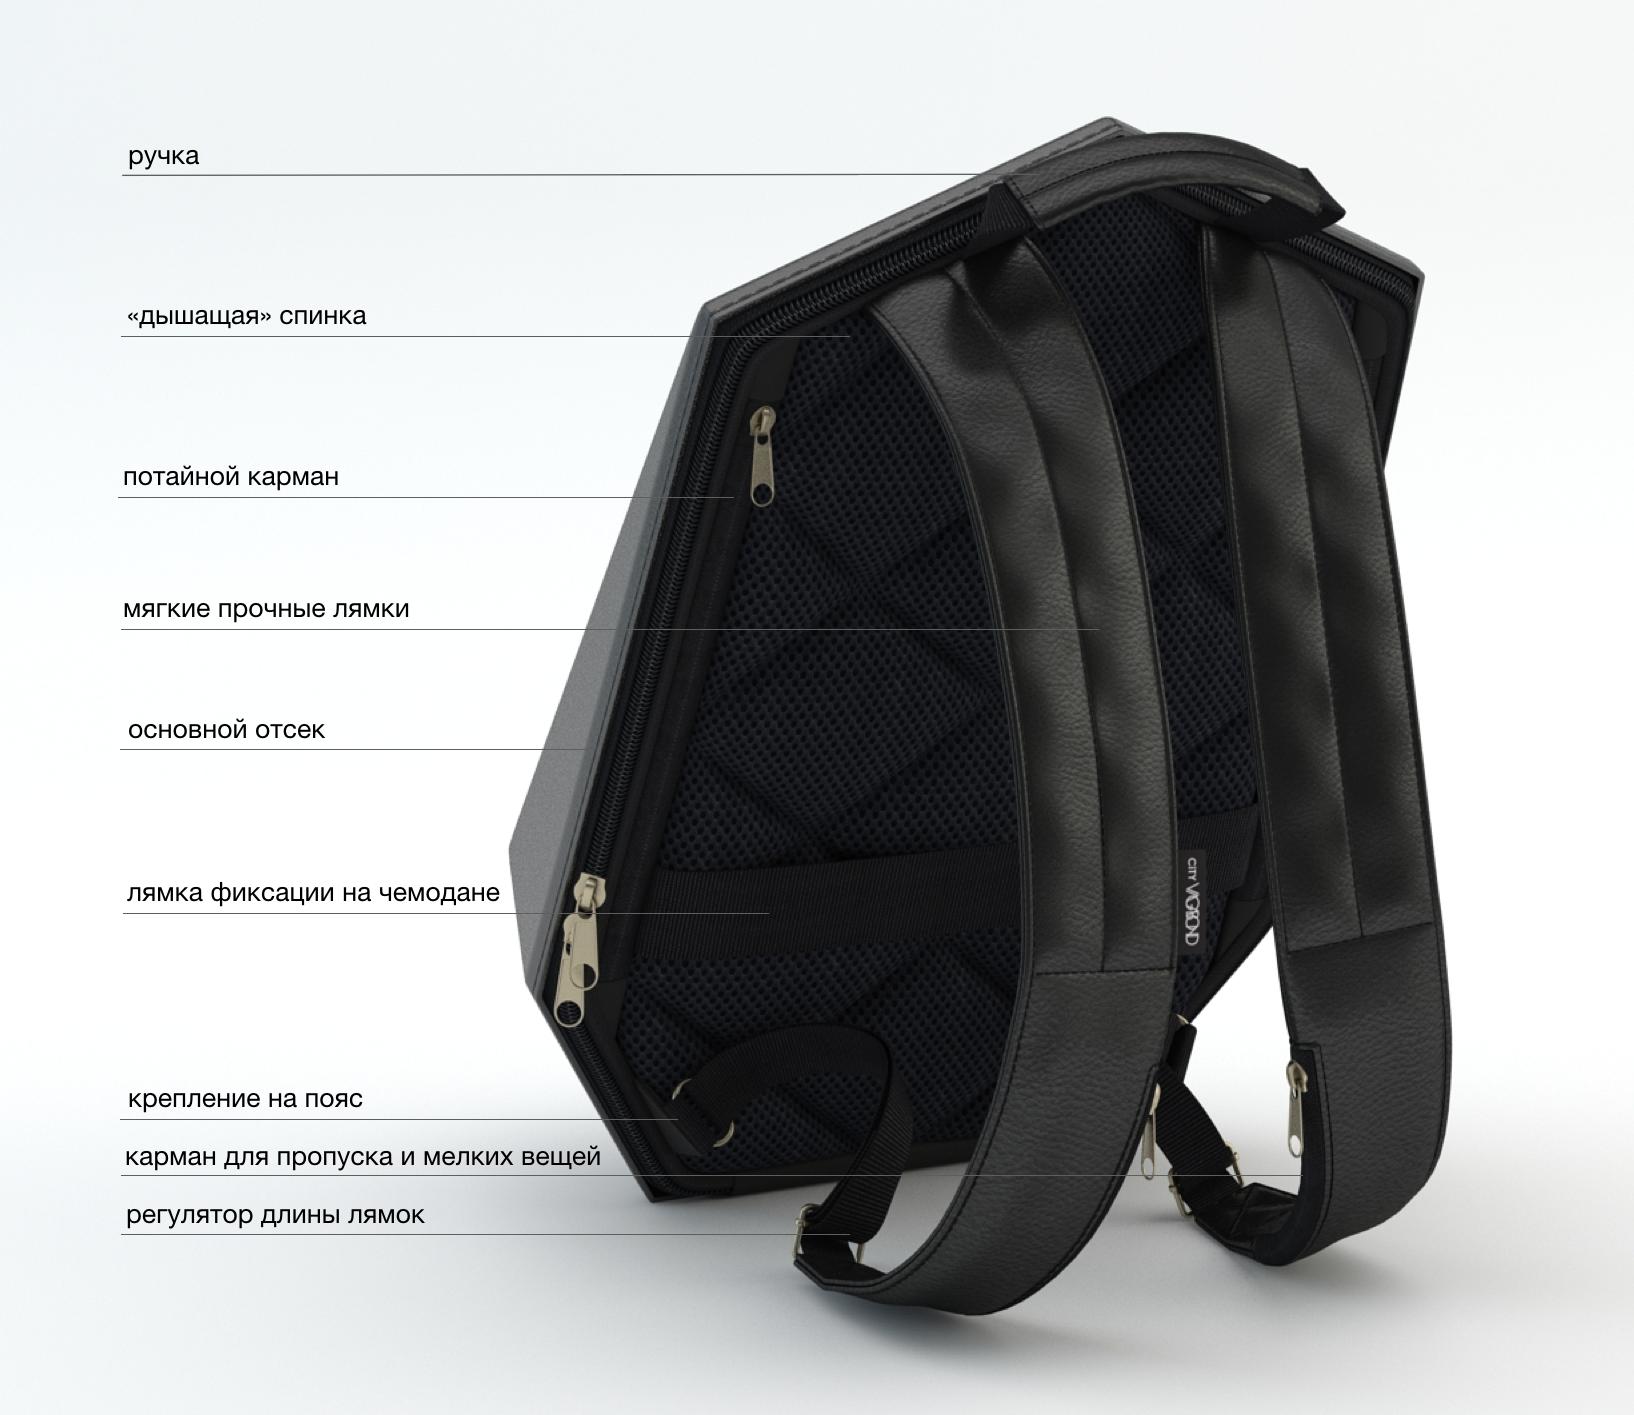 06760dfa6c Универсальный городской рюкзак City Vagabond Superhero Backpack